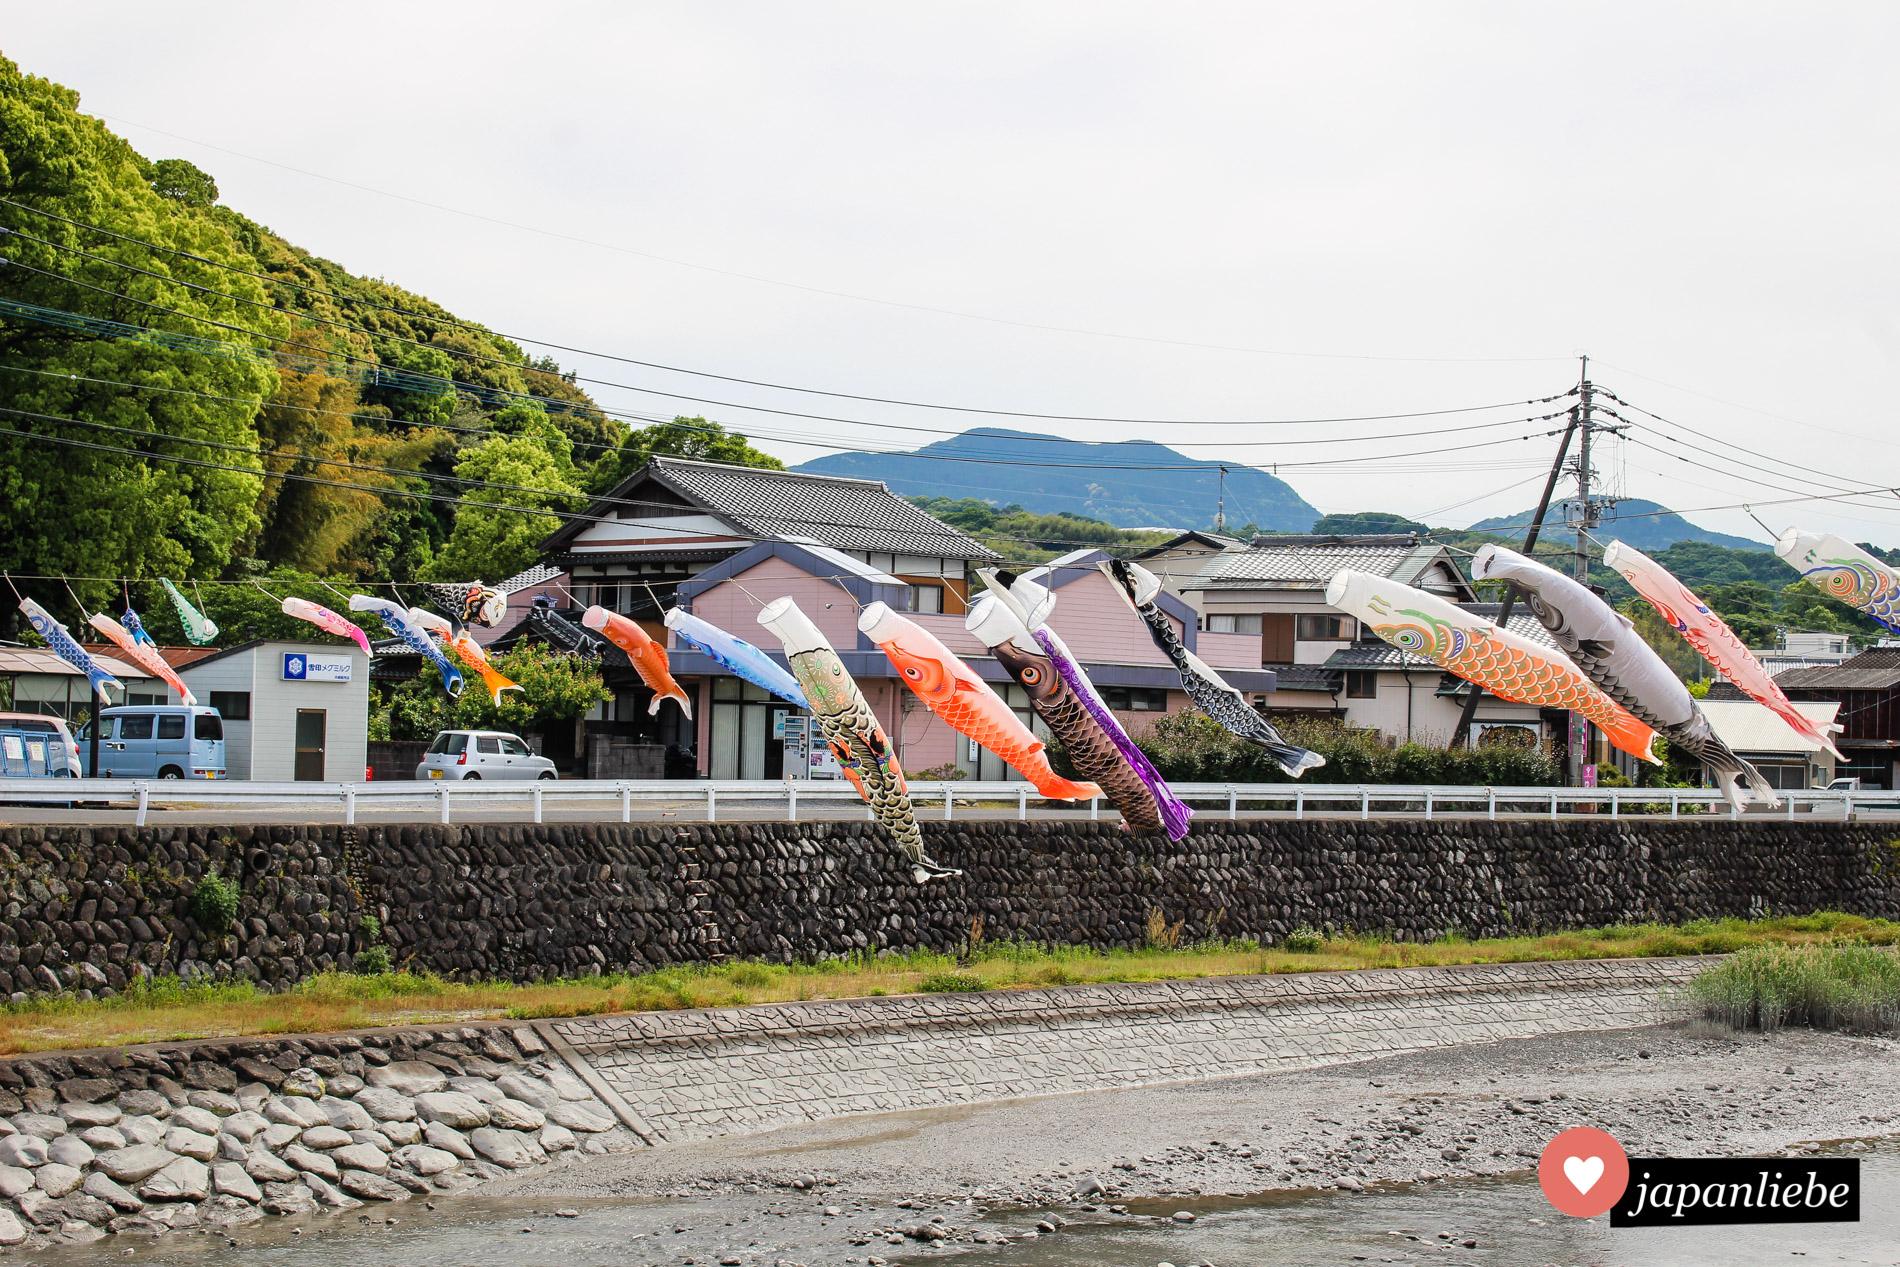 Dutzende Karpfenflaggen wehen über einem Fluss in der Stadt Kashima im Wind.